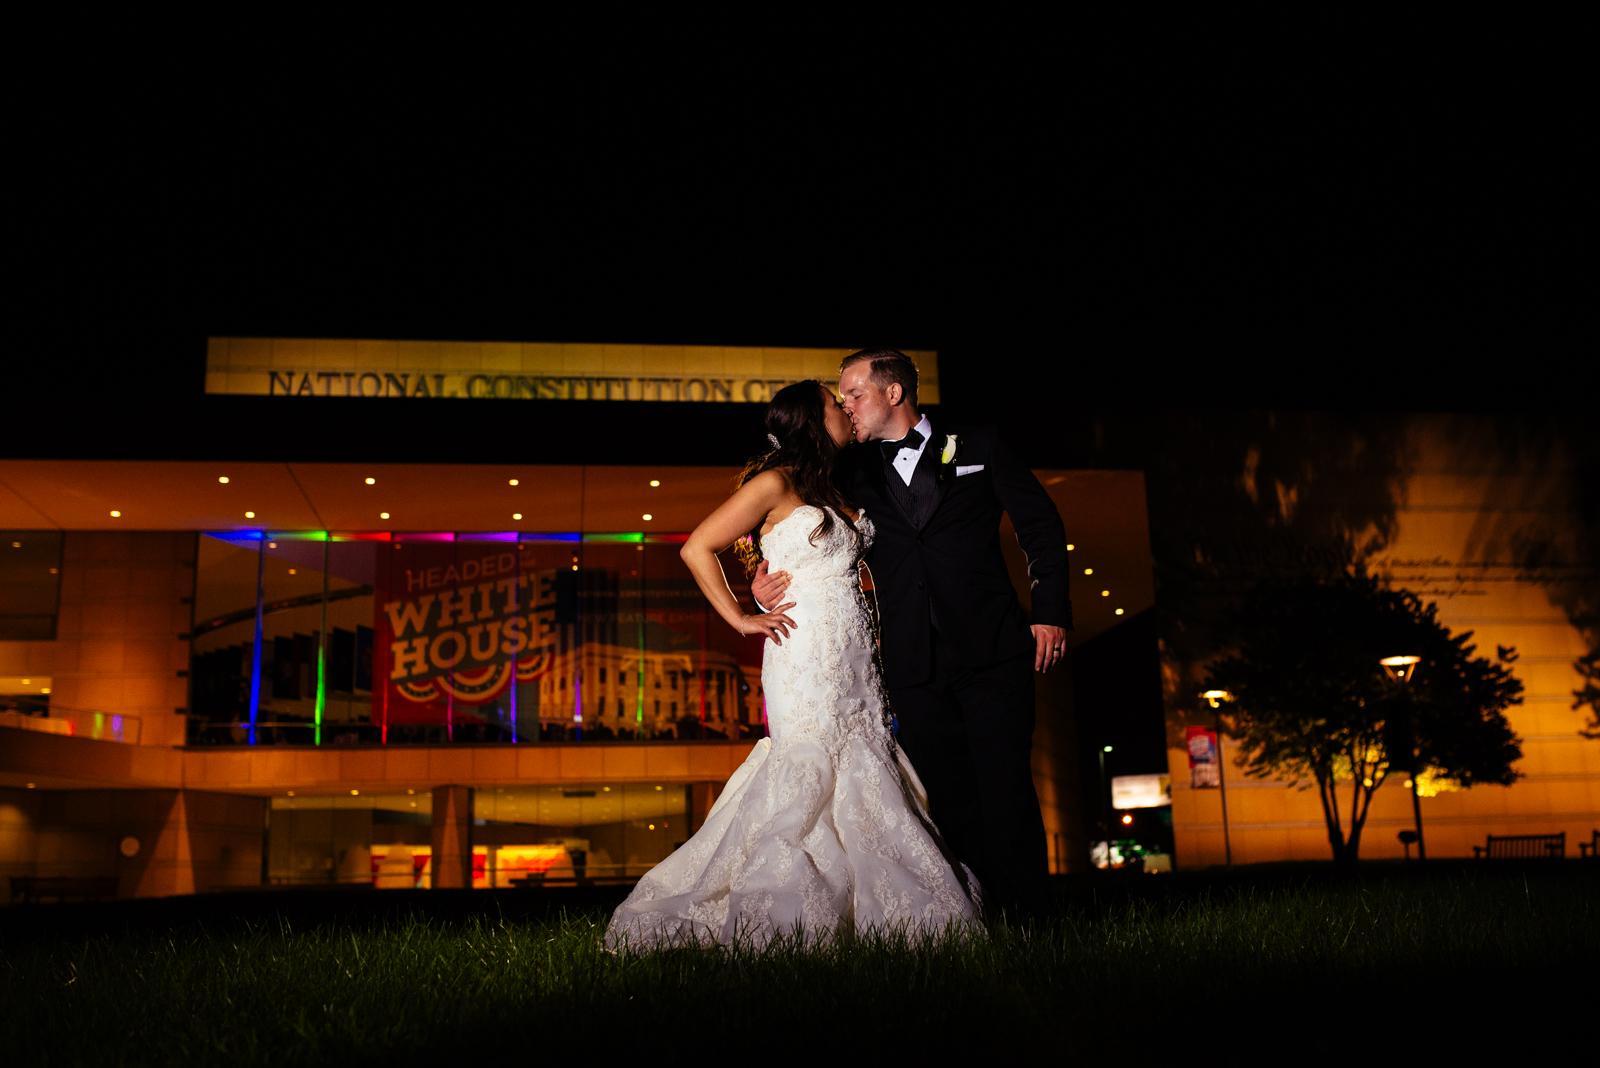 S. Kuzma Photography | Philadelphia Wedding Photographer Philly In Love Philadelphia Weddings